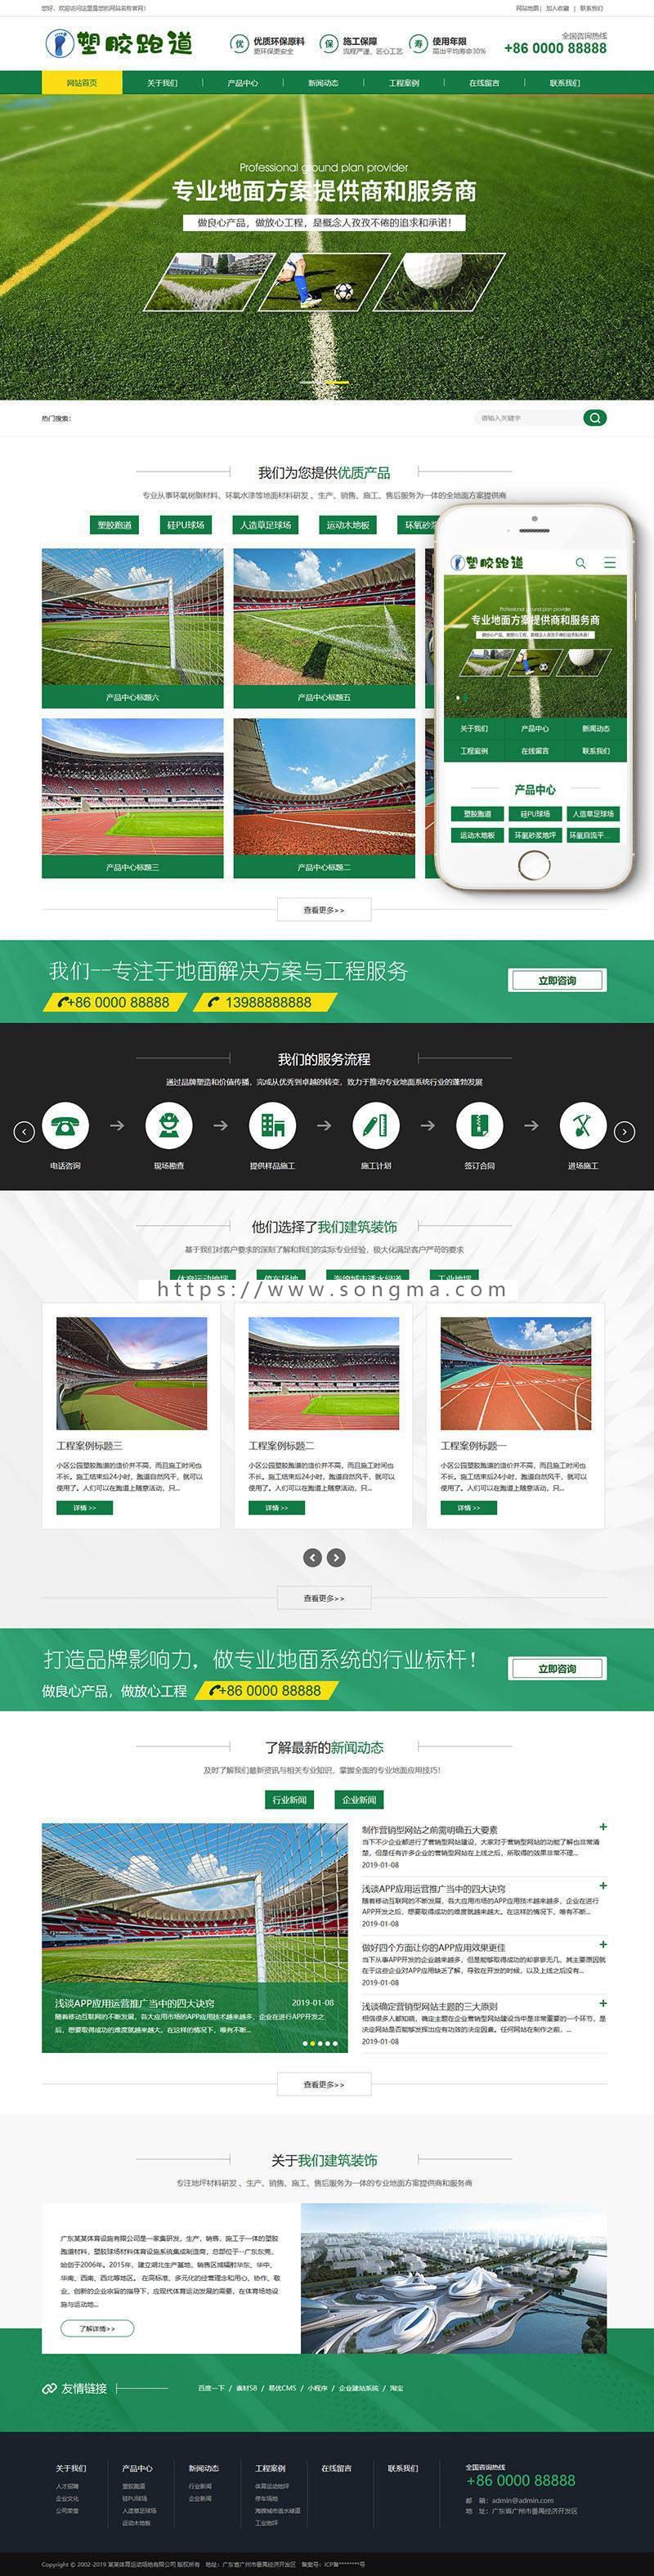 体育场地塑胶材料类网站织梦模板(带手机端)官网源码完整带后台